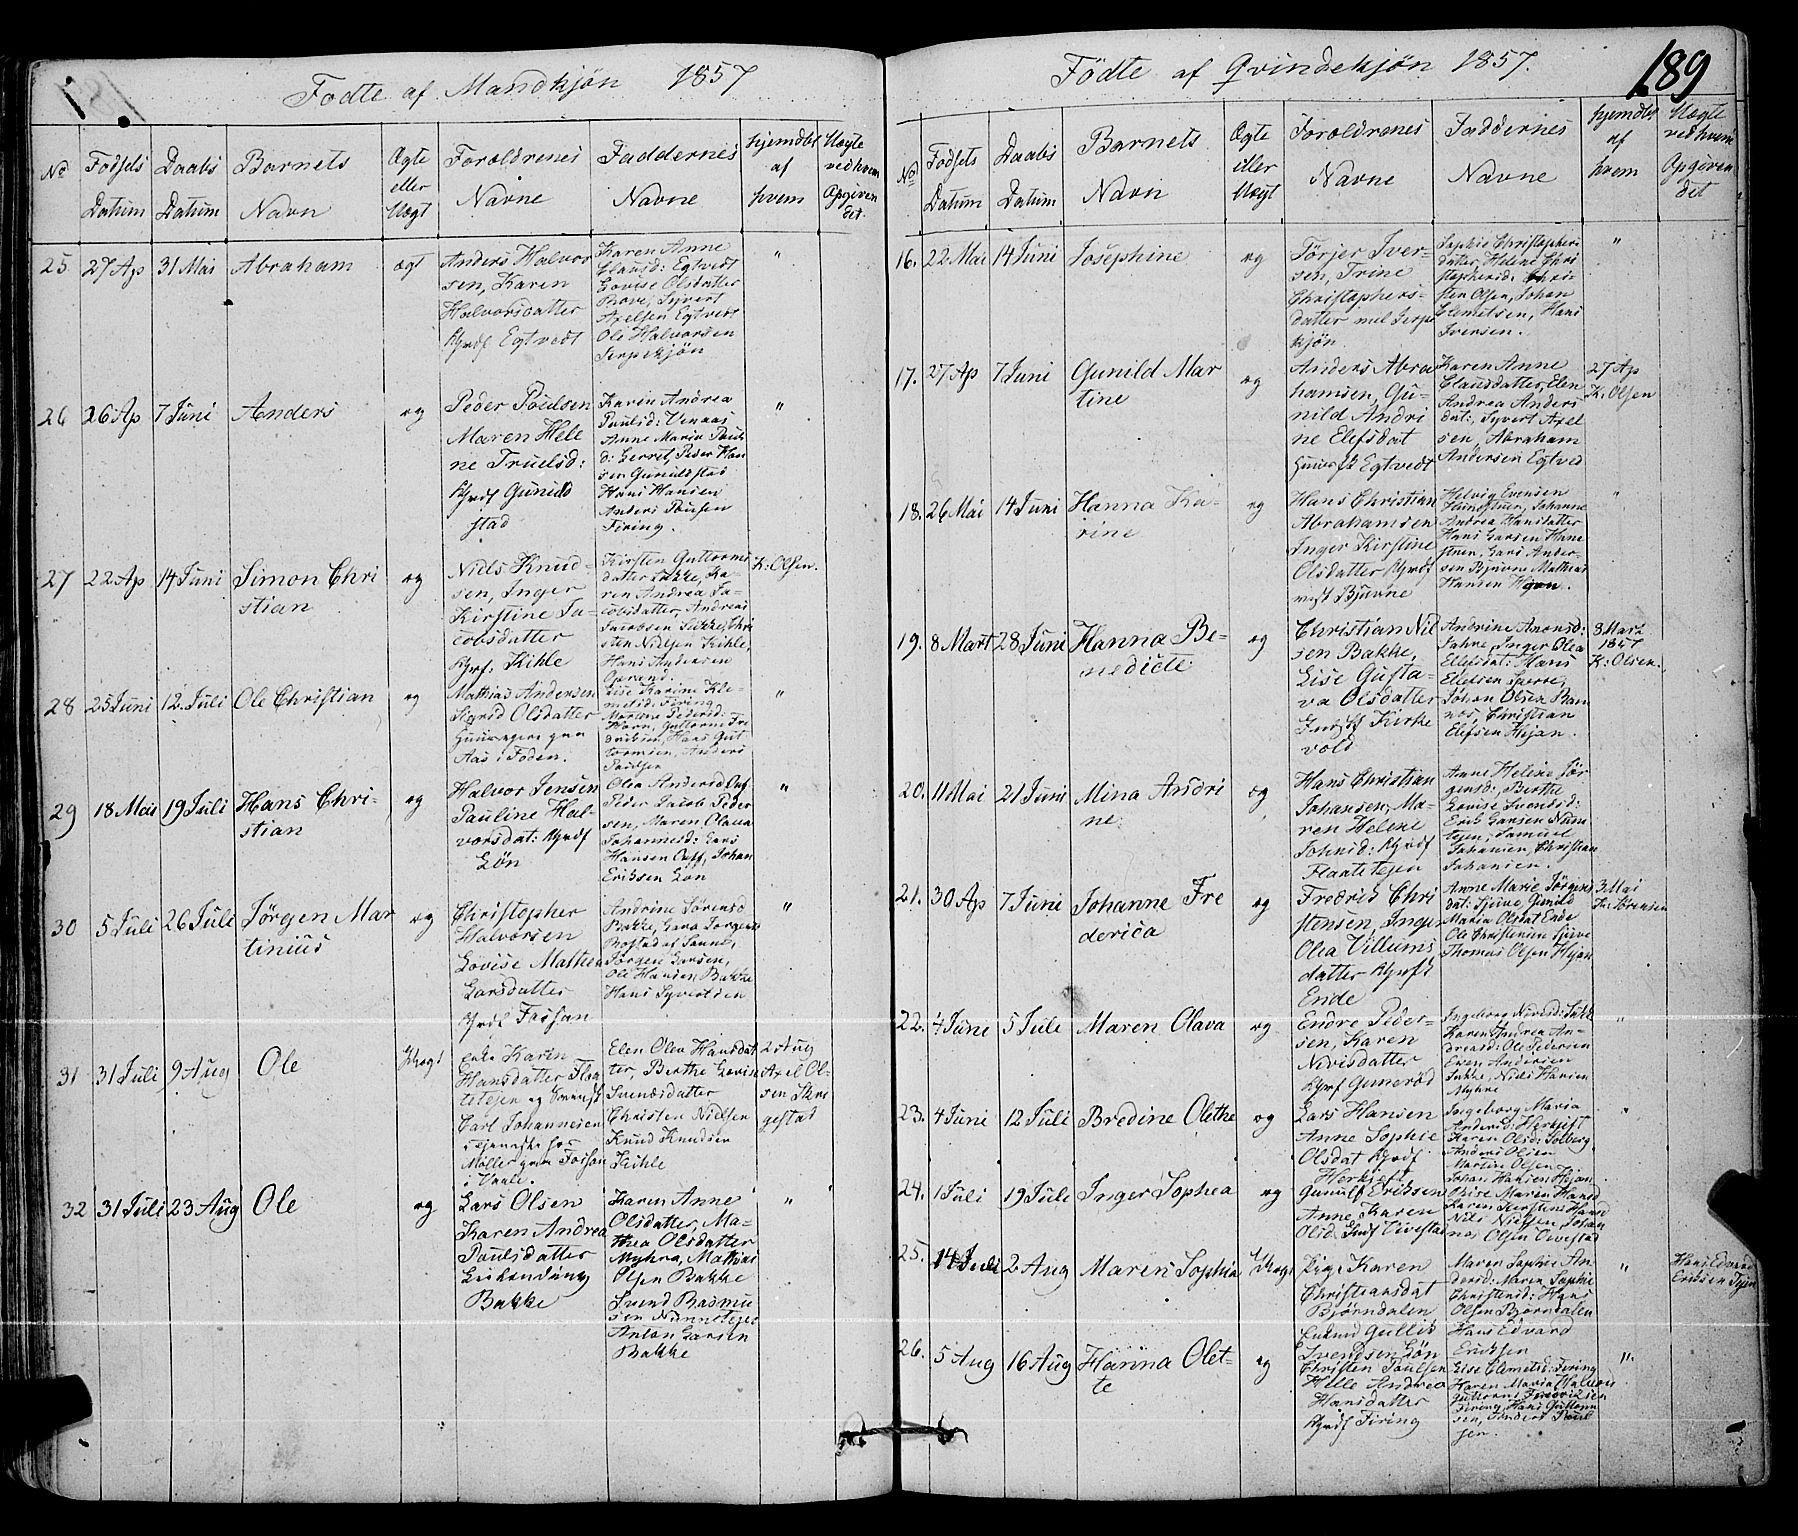 SAKO, Ramnes kirkebøker, F/Fa/L0005: Ministerialbok nr. I 5, 1841-1861, s. 188-189